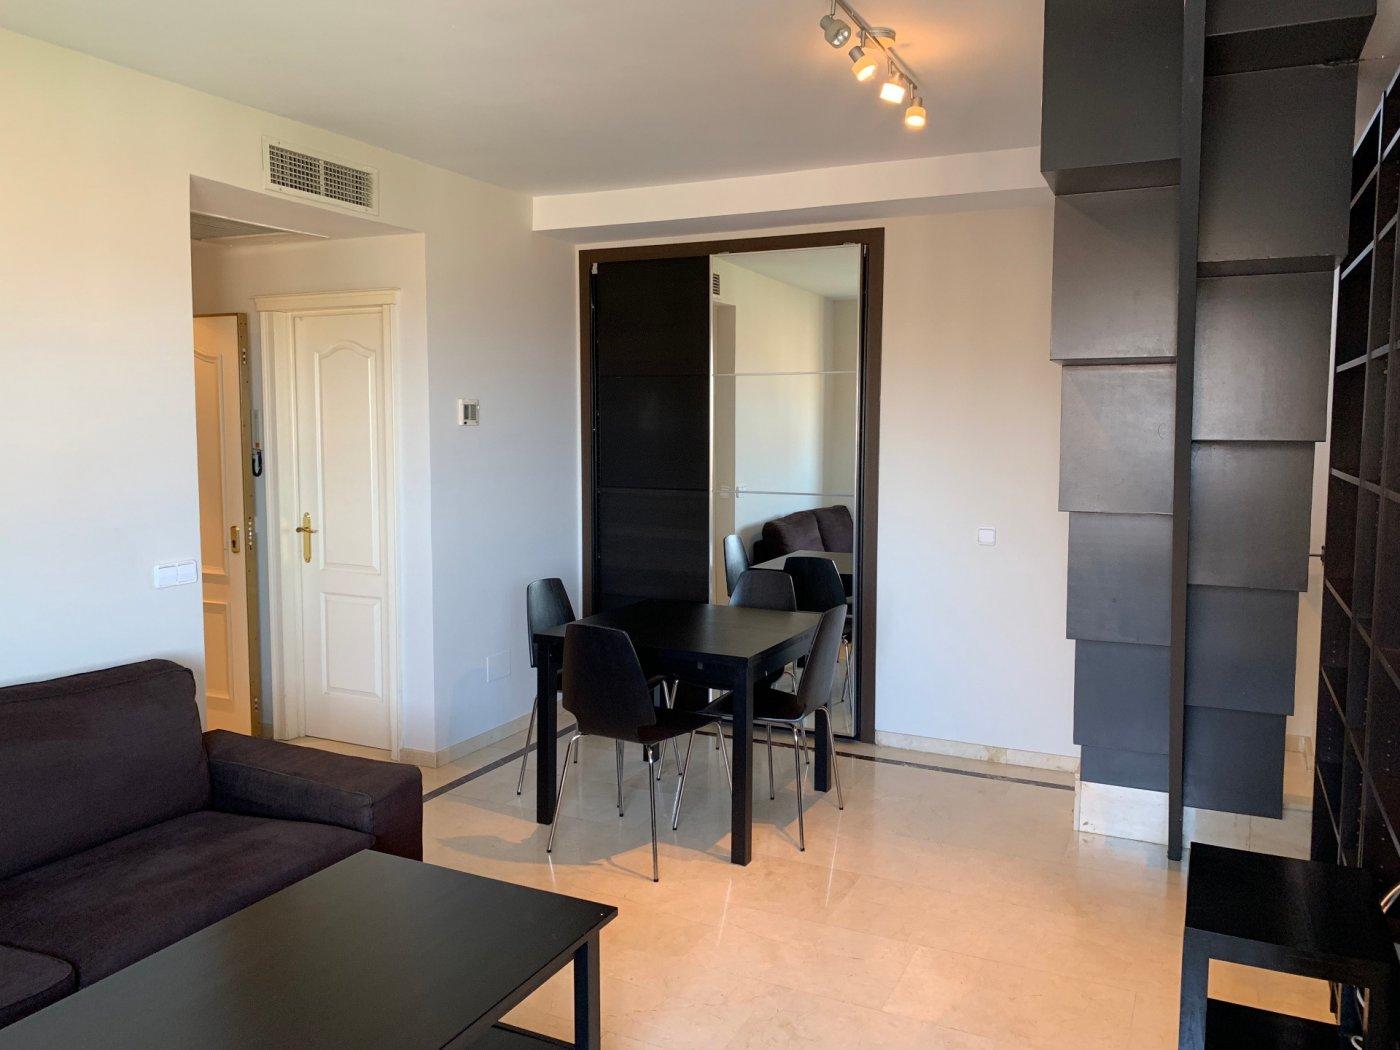 Venta o alquiler de piso en madrid - imagenInmueble8